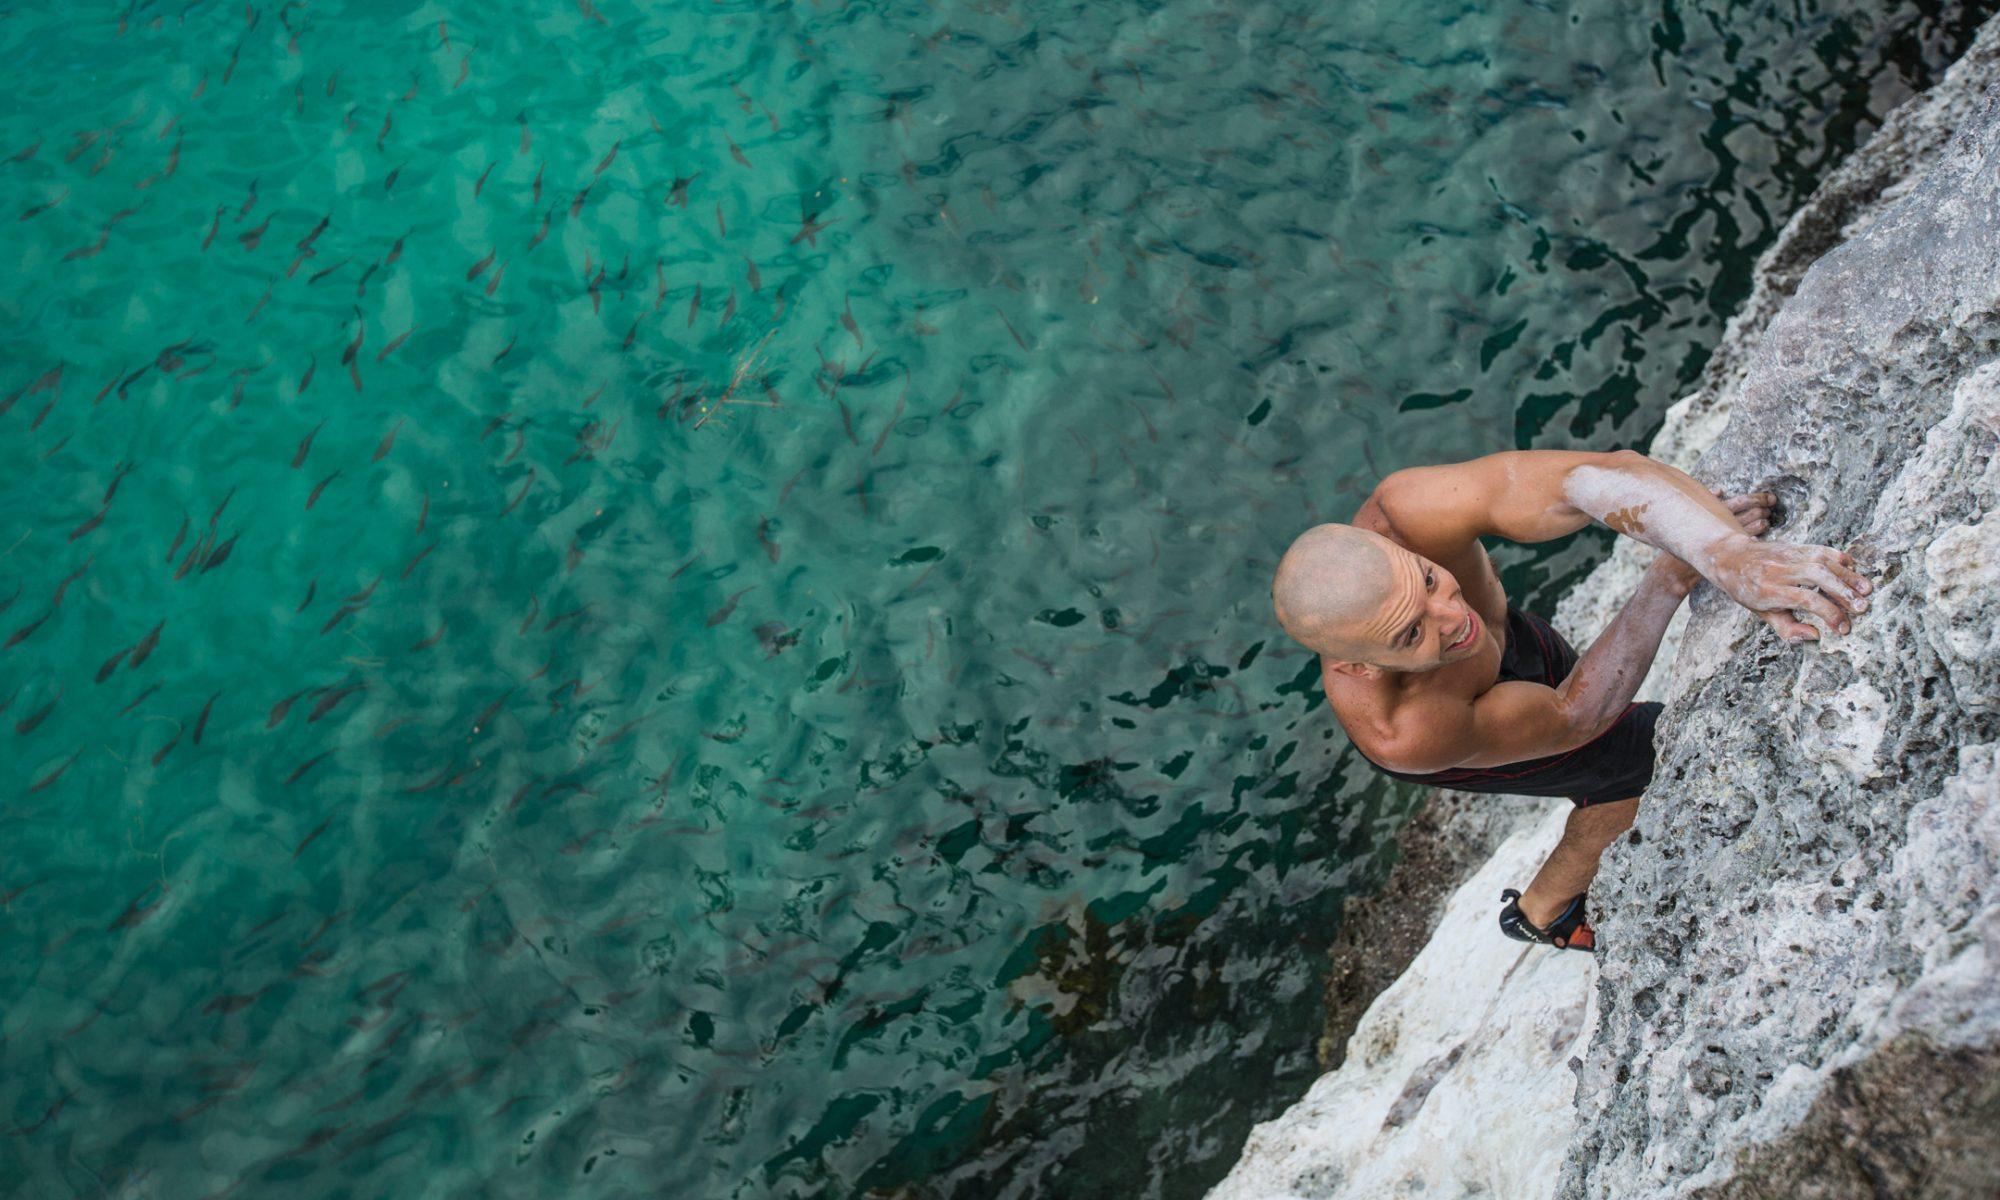 Climb De Rock